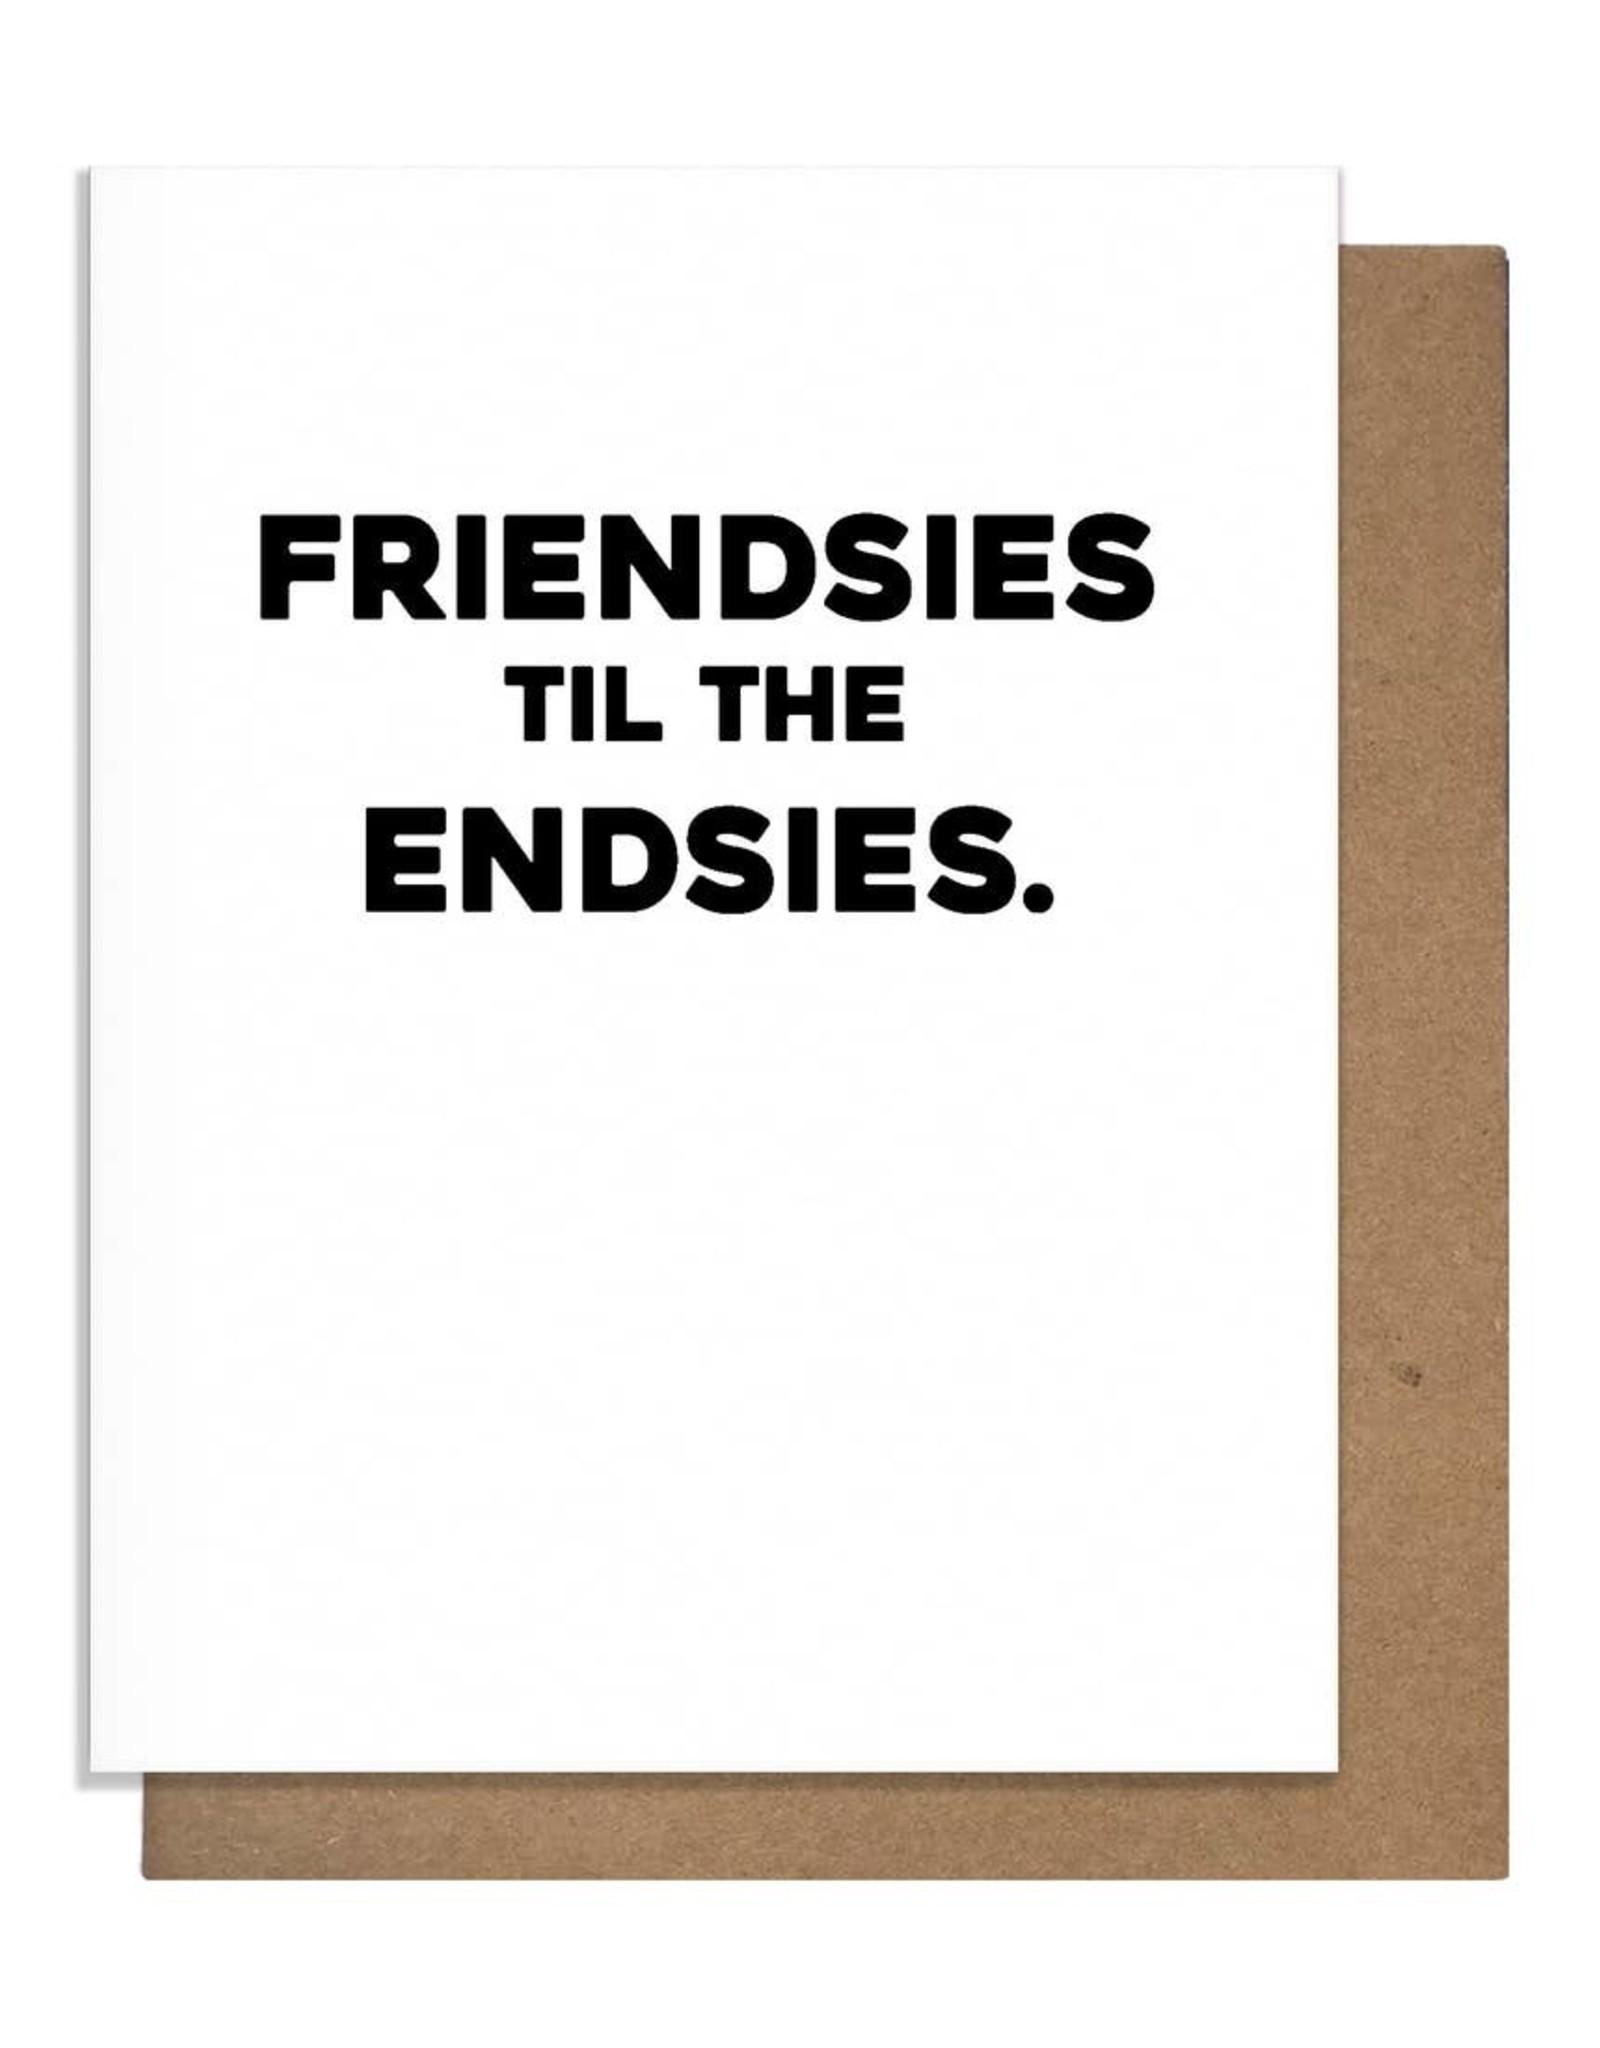 Card - Blank: Friendsies til the endsies